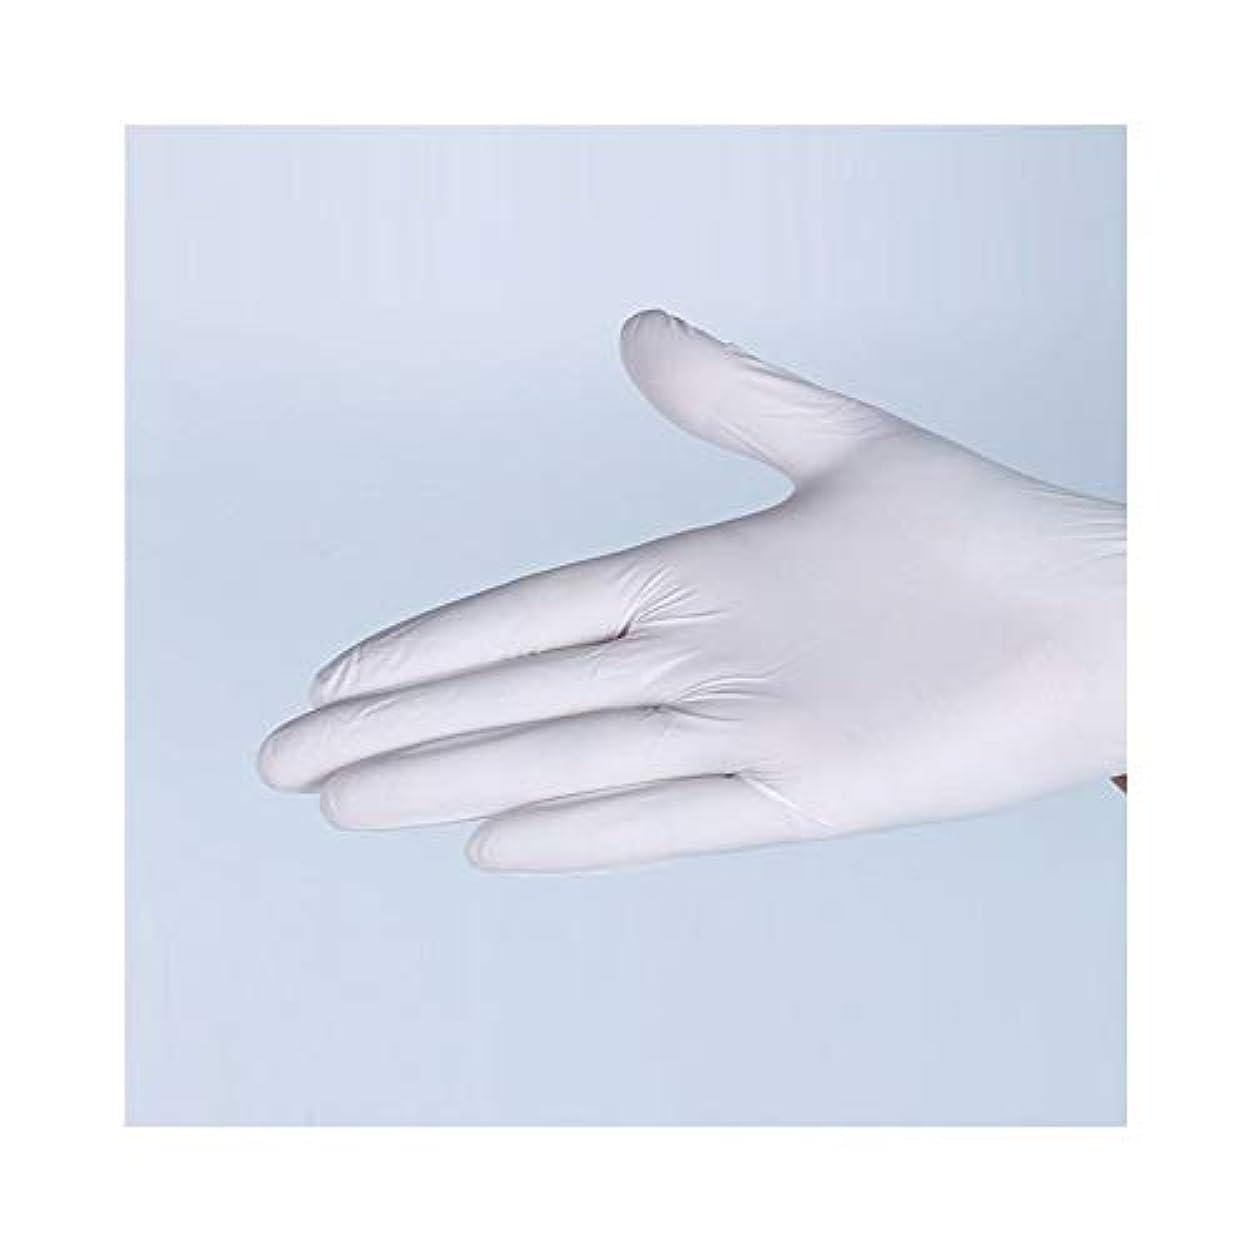 音楽を聴く入札市長使い捨てのパウダーフリー化学実験ニトリル手袋工業労働保護手袋 YANW (Color : White, Size : M)